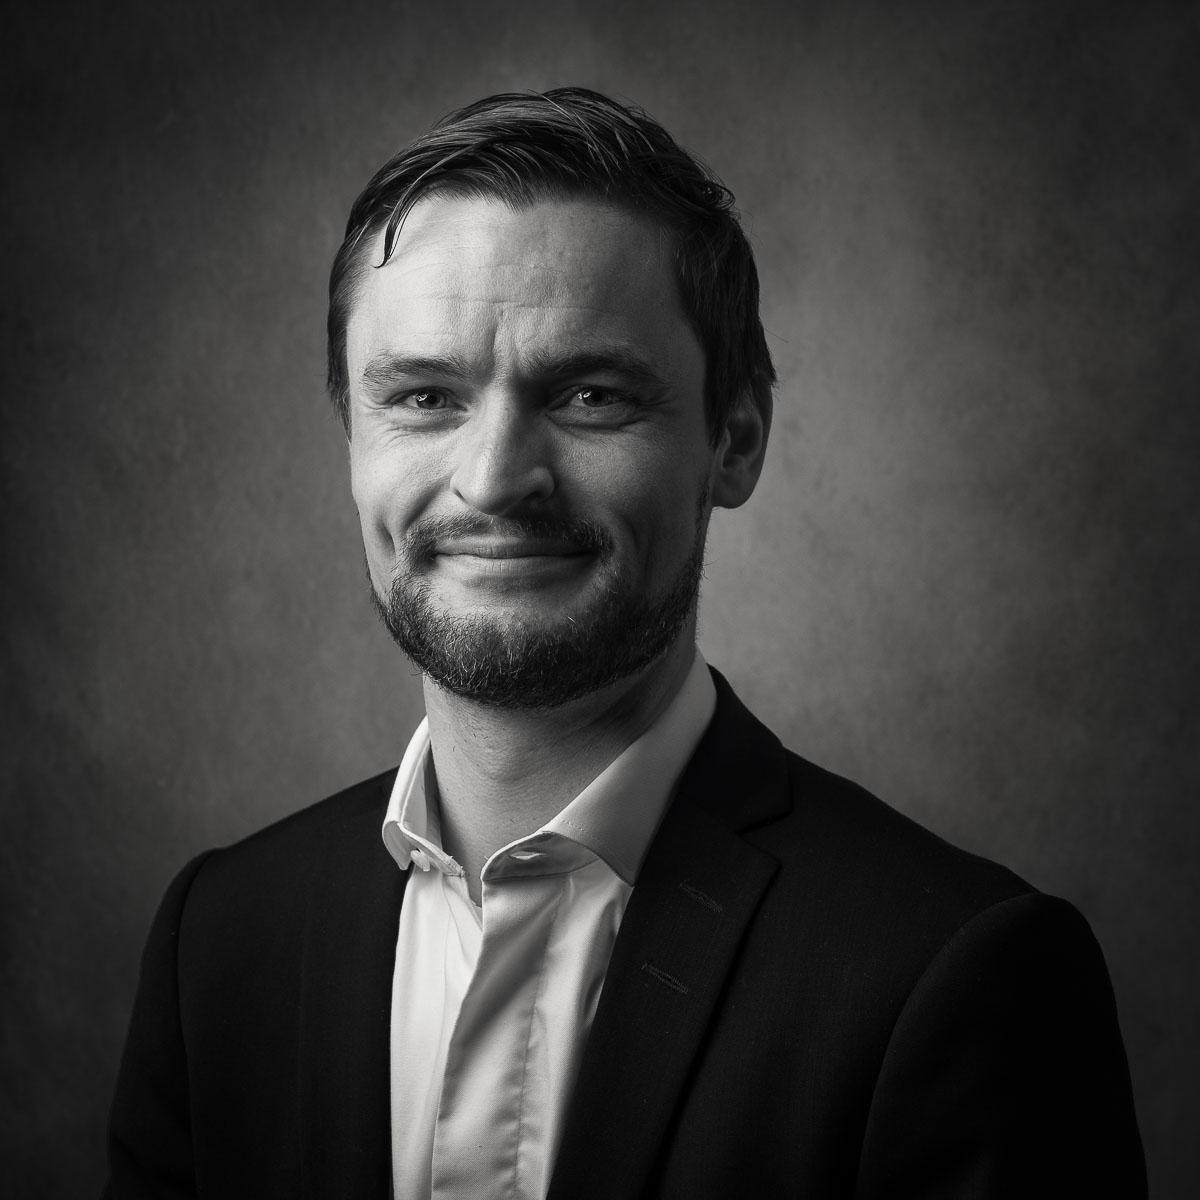 personalfoto av man i svartvitt